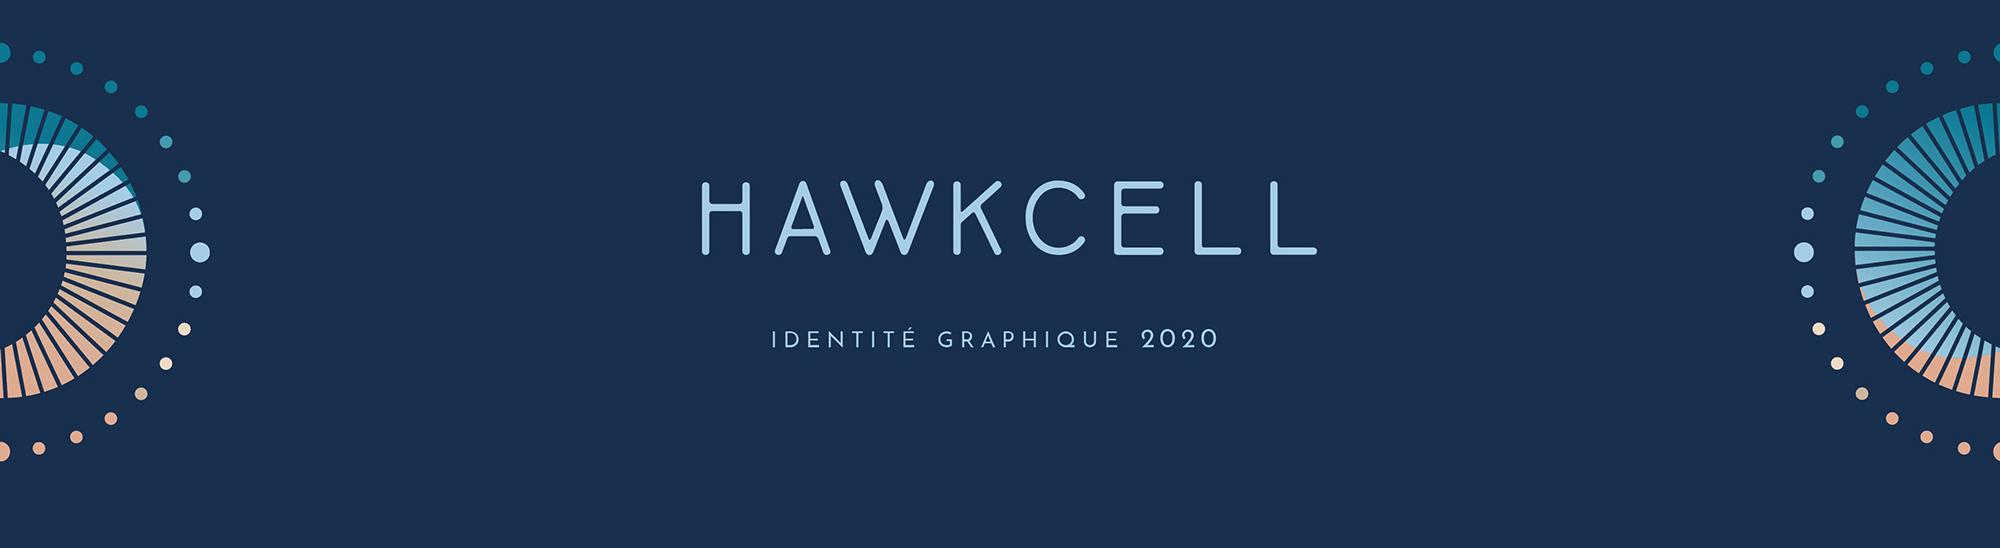 hawkcell, direction artistique et rebranding